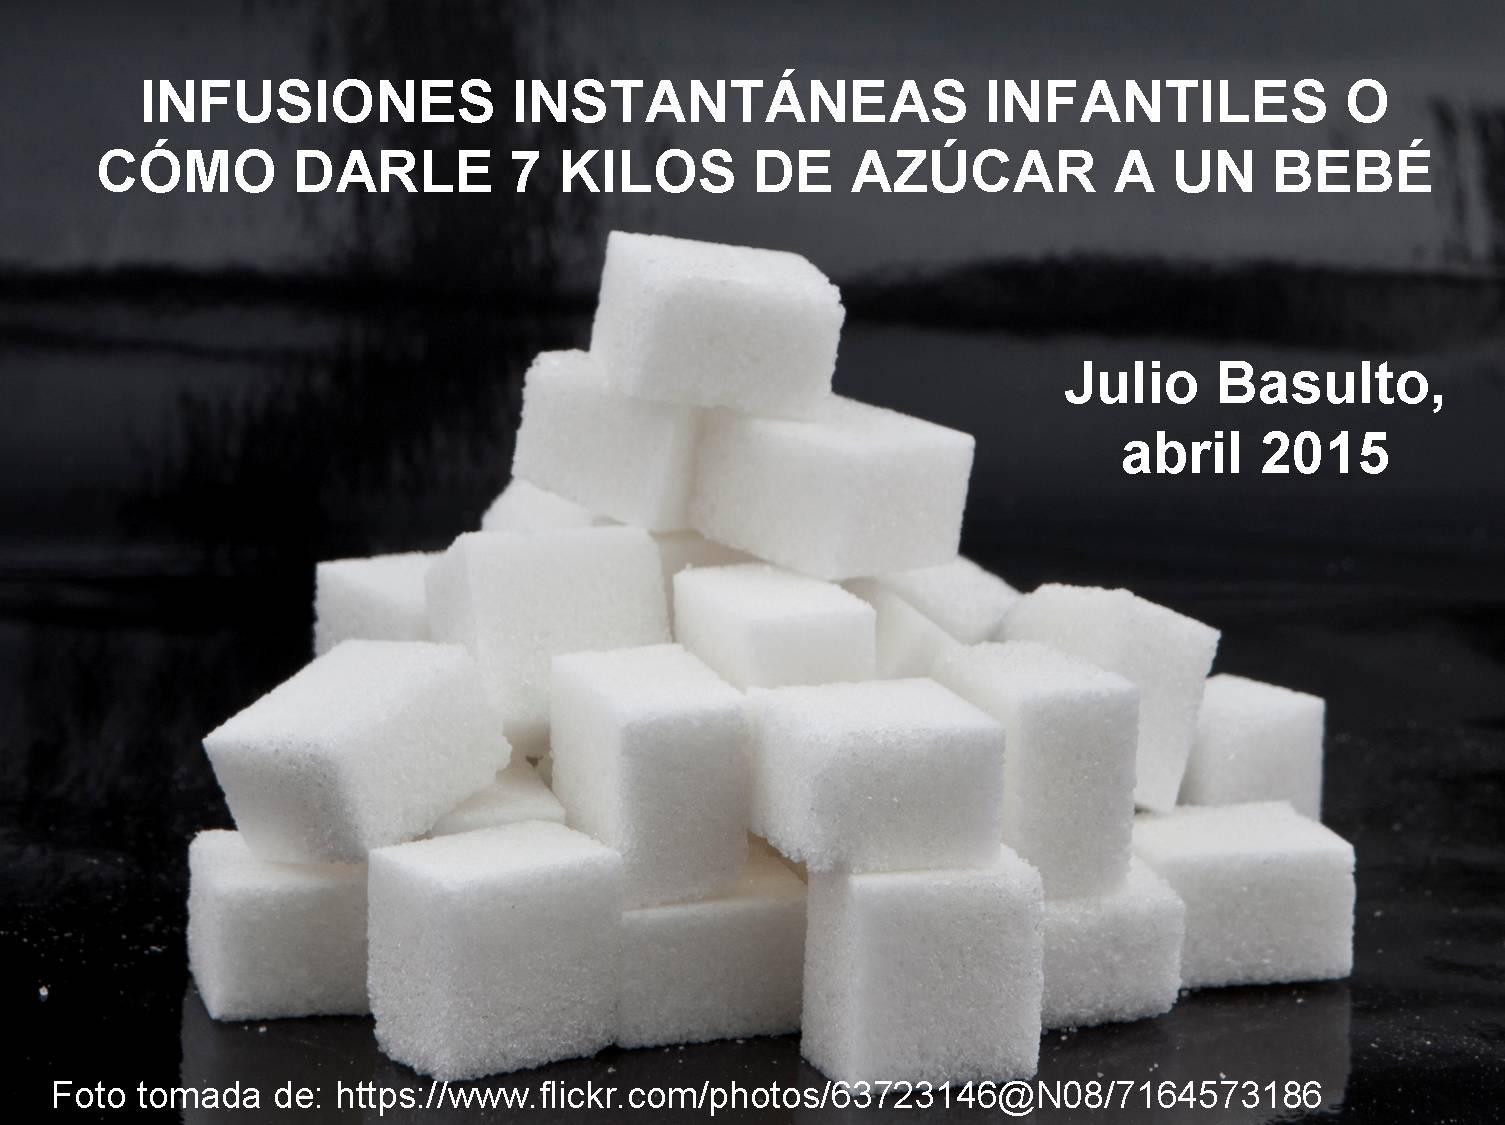 Infusiones instantáneas infantiles o cómo darle 7 kilos de azúcar a un bebé